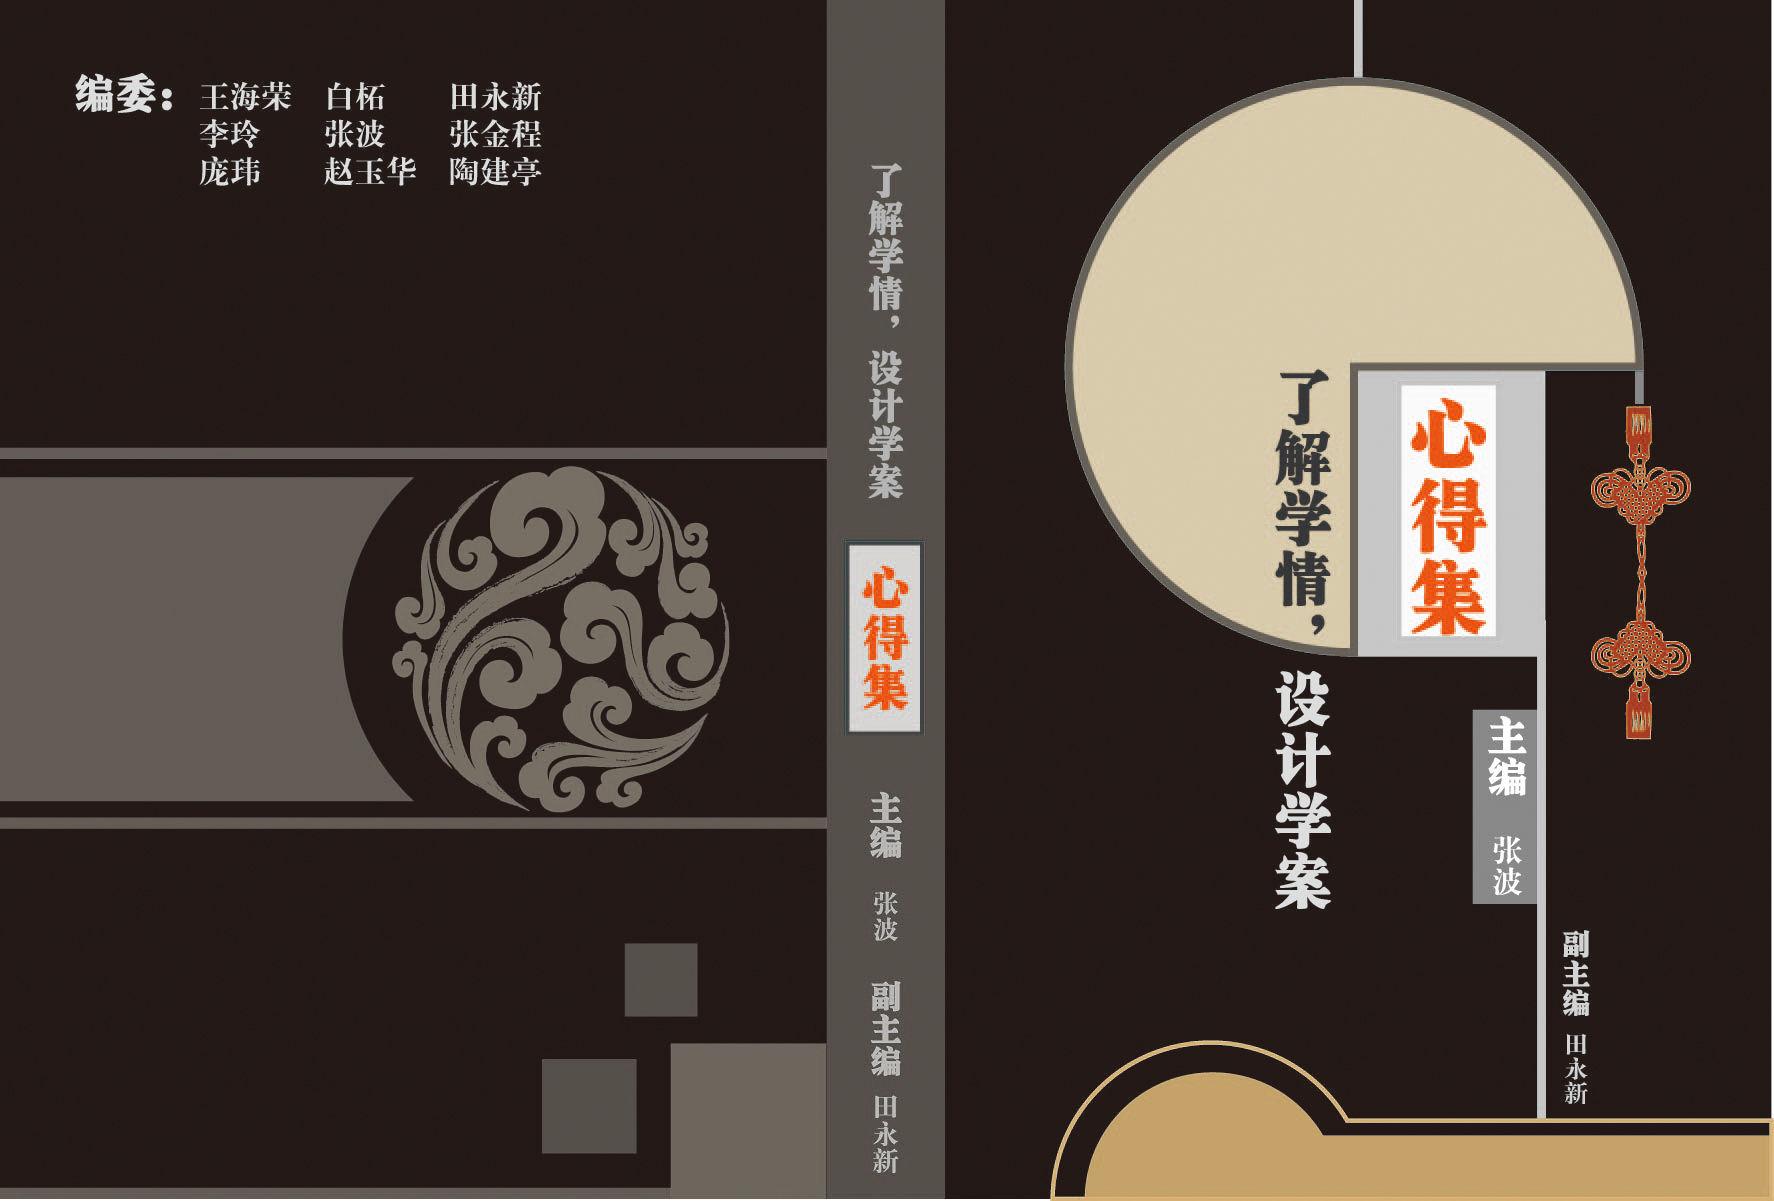 创意简约图书封面设计 创意简约图书封面设计图片